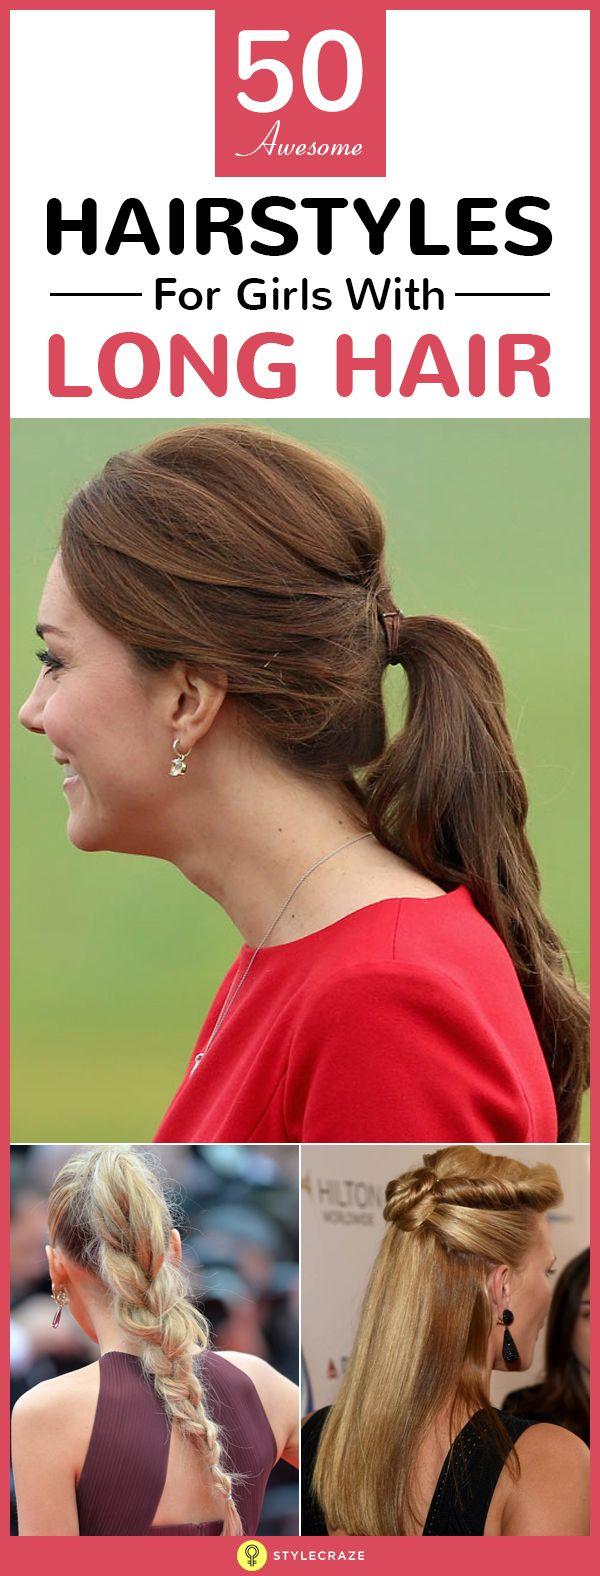 50 Ehrfürchtige Frisuren für Mädchen mit langen Haaren